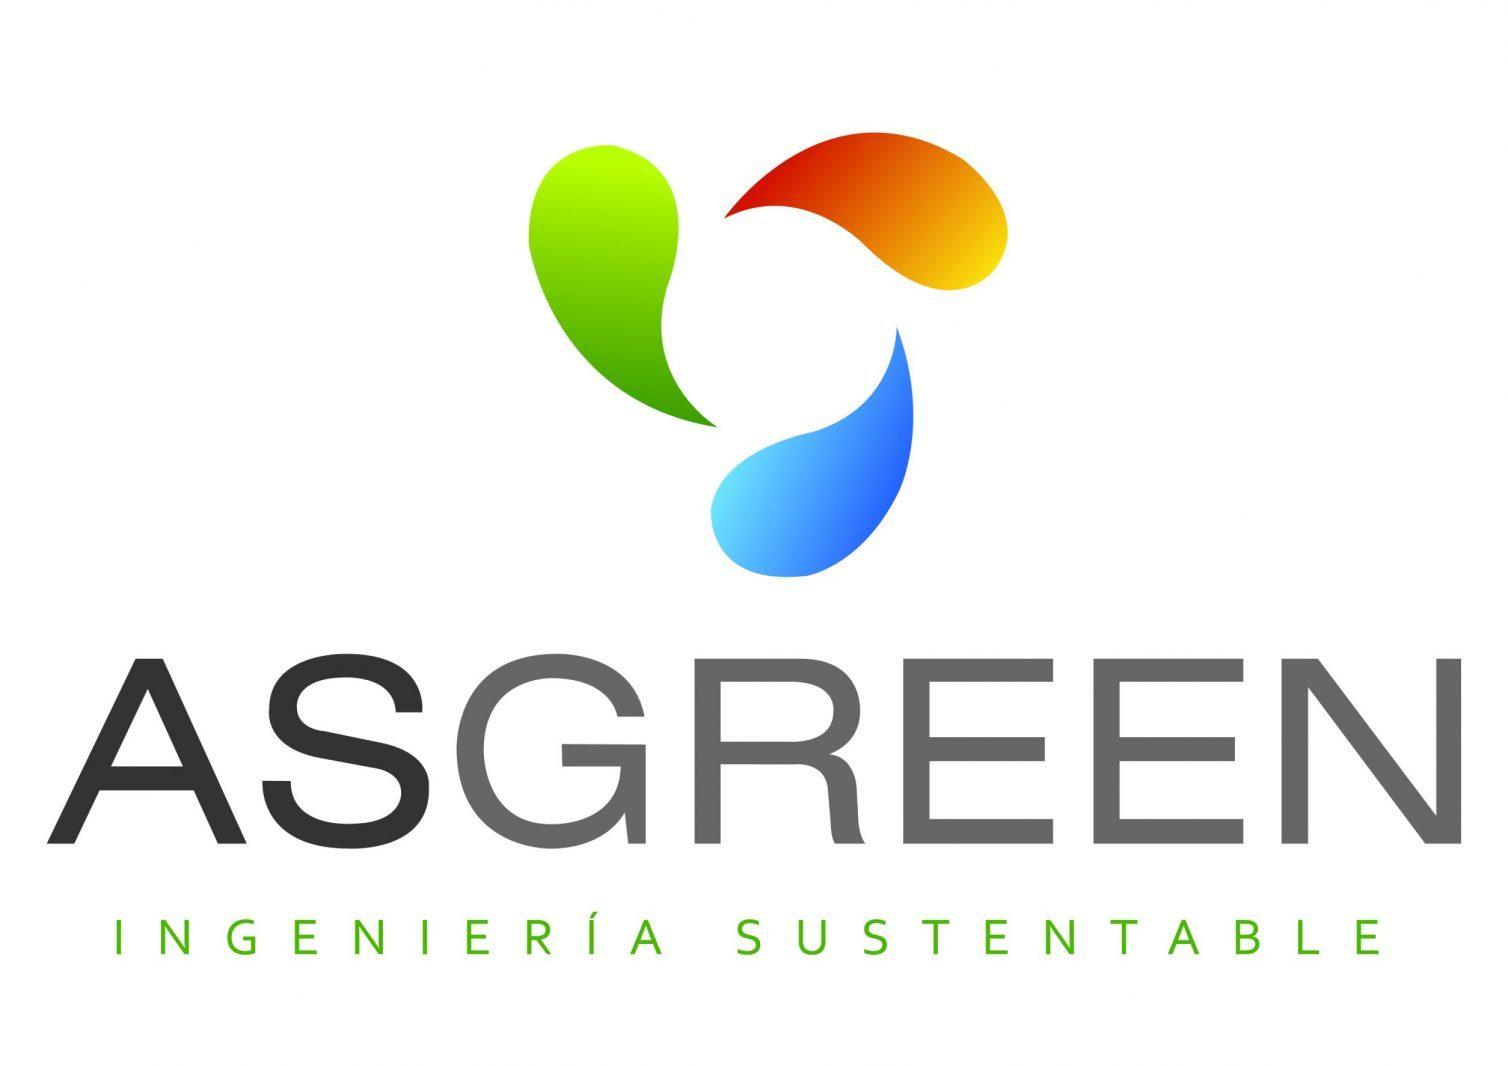 Asesorías Asgreen SpA